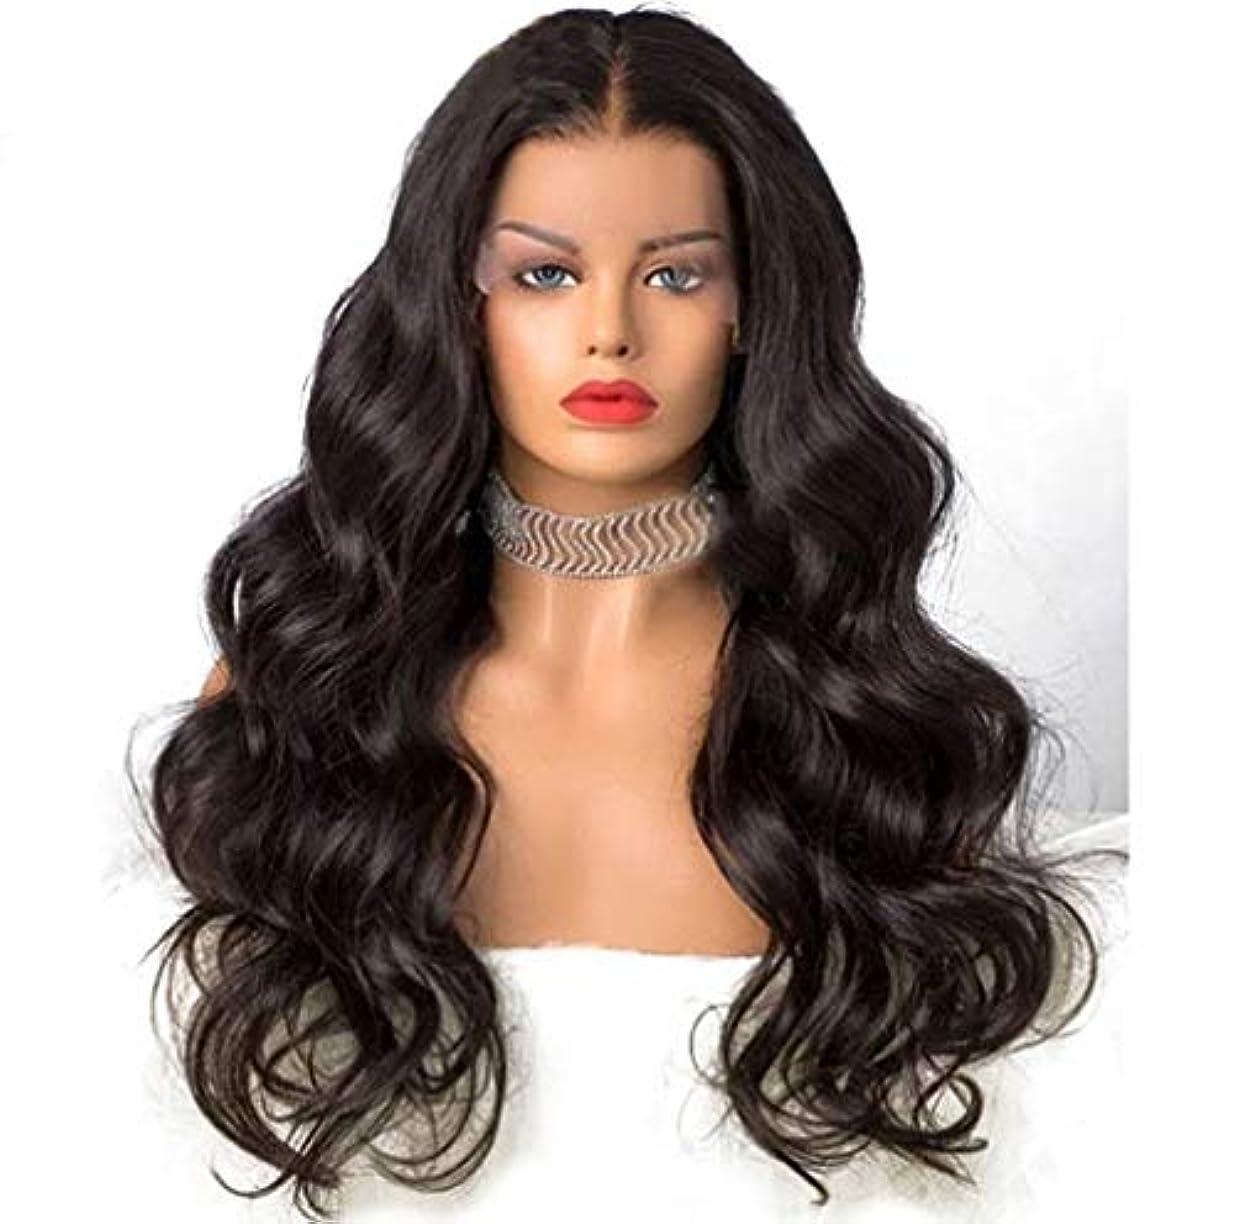 ひどく科学者接地女性のかつら150%密度フロントレースカーリー人毛ブラジルの耐熱合成長いかつら